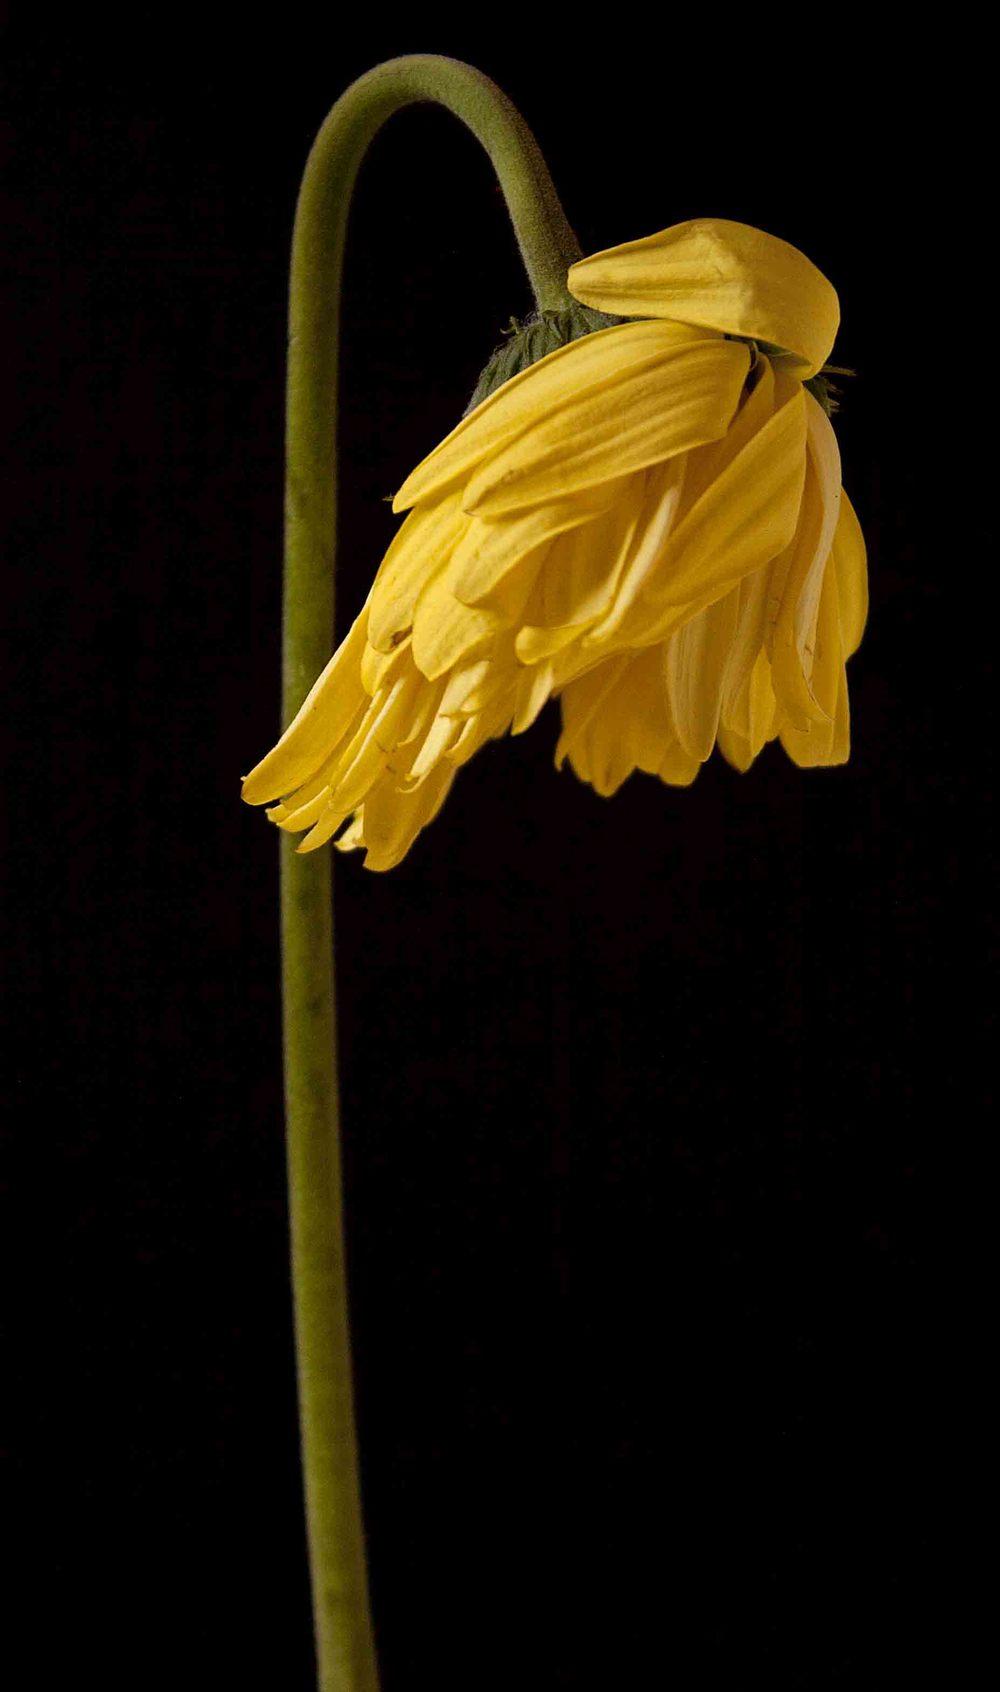 yellow_02.jpg